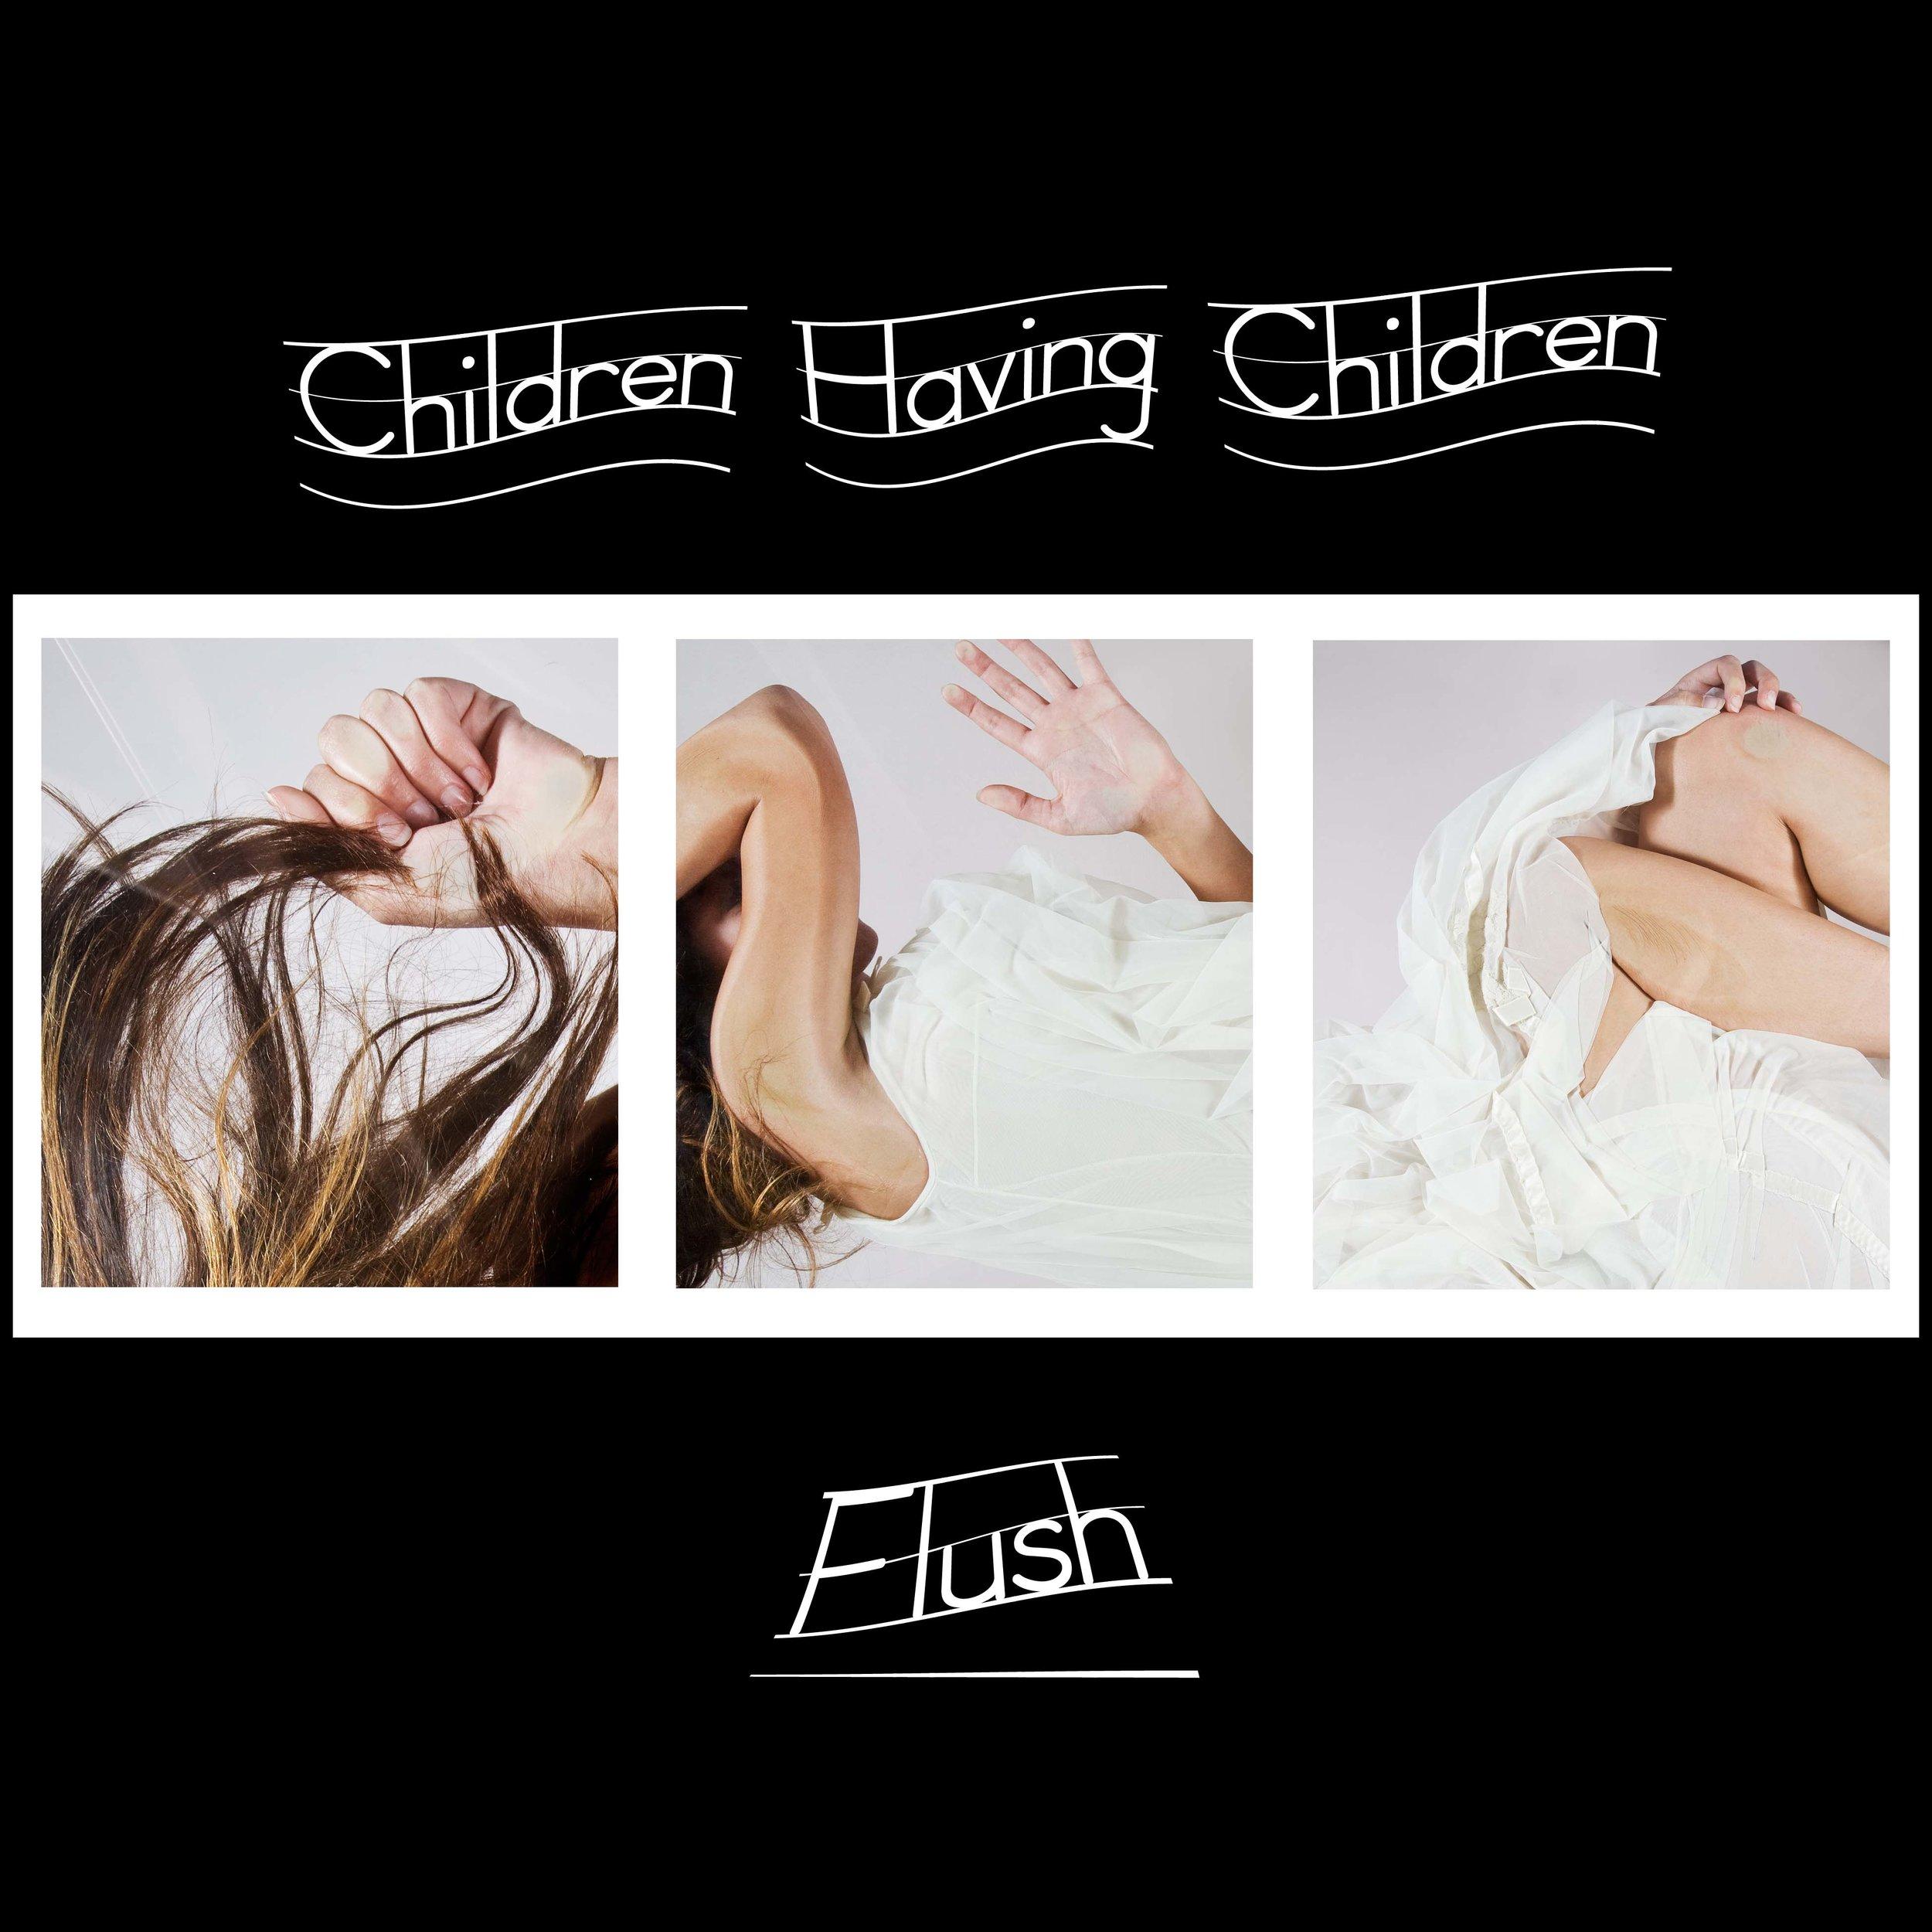 FLUSH (2011)